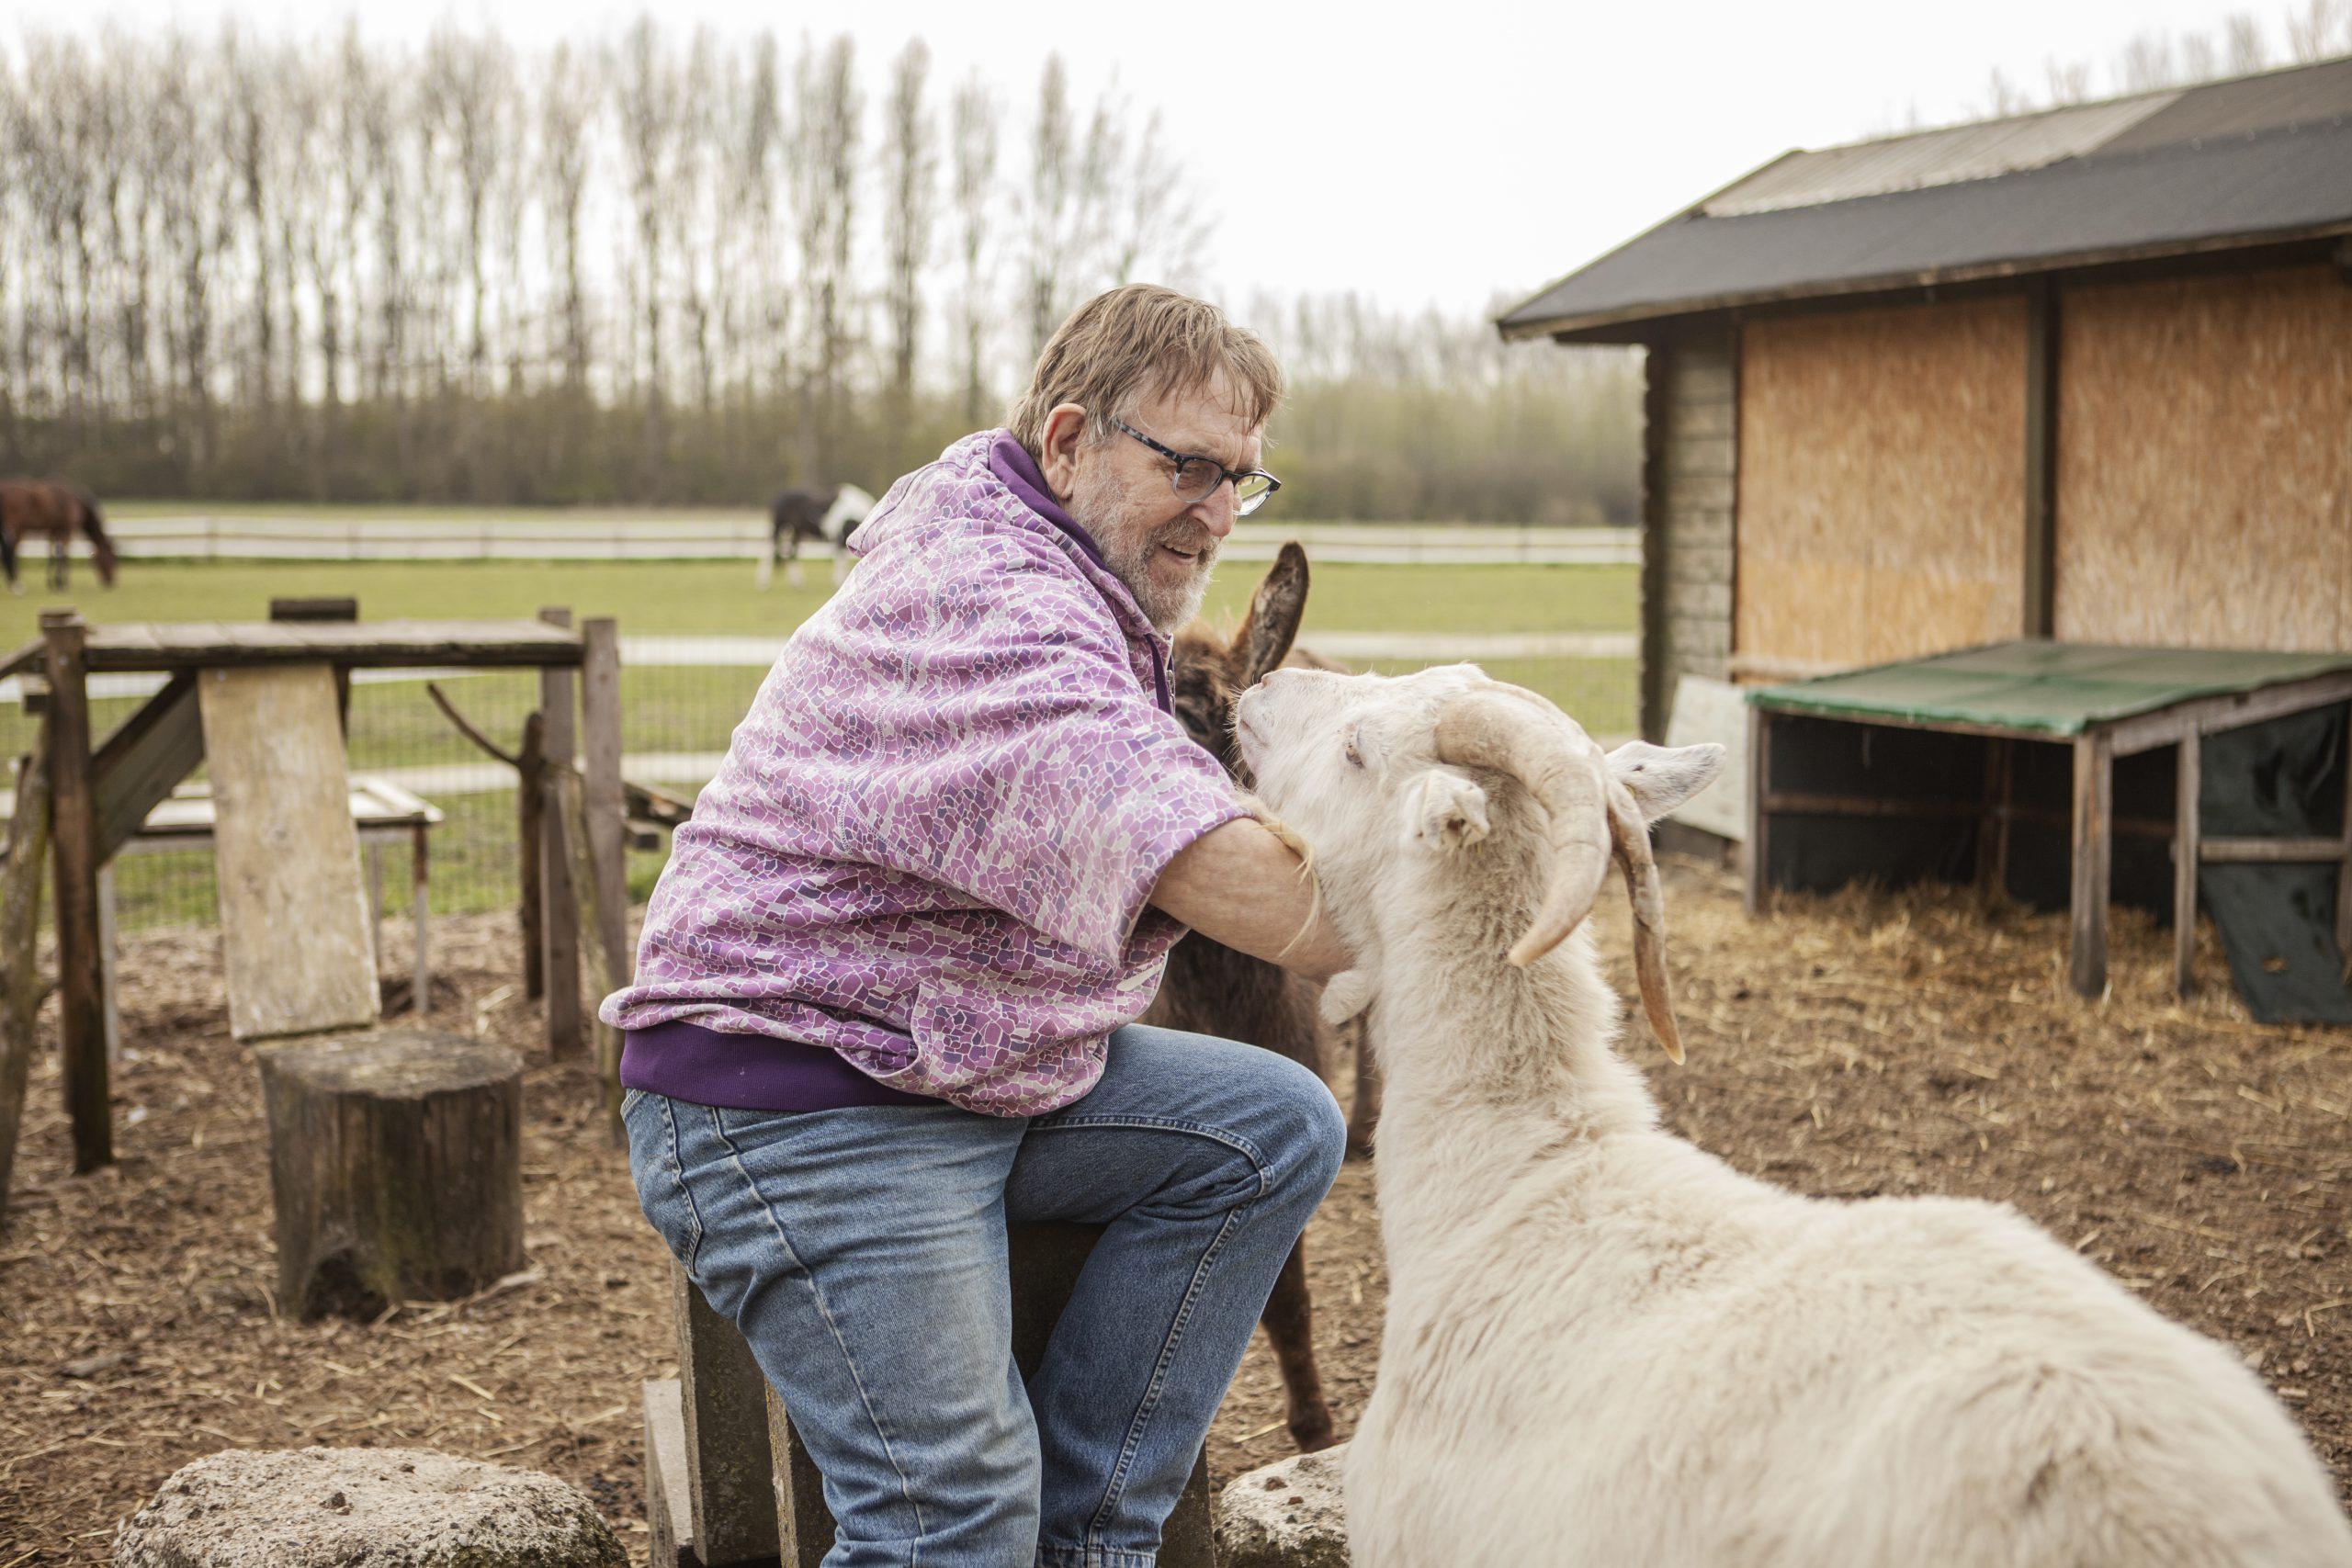 Dagbesteding-Geiten-Buiten-Duurzaam-Hof-Van-Axel-Contact-Zeeuws-Vlaanderen-Zeeland-Oudere-Volwassenen-Met-Zorgvraag-Dementie